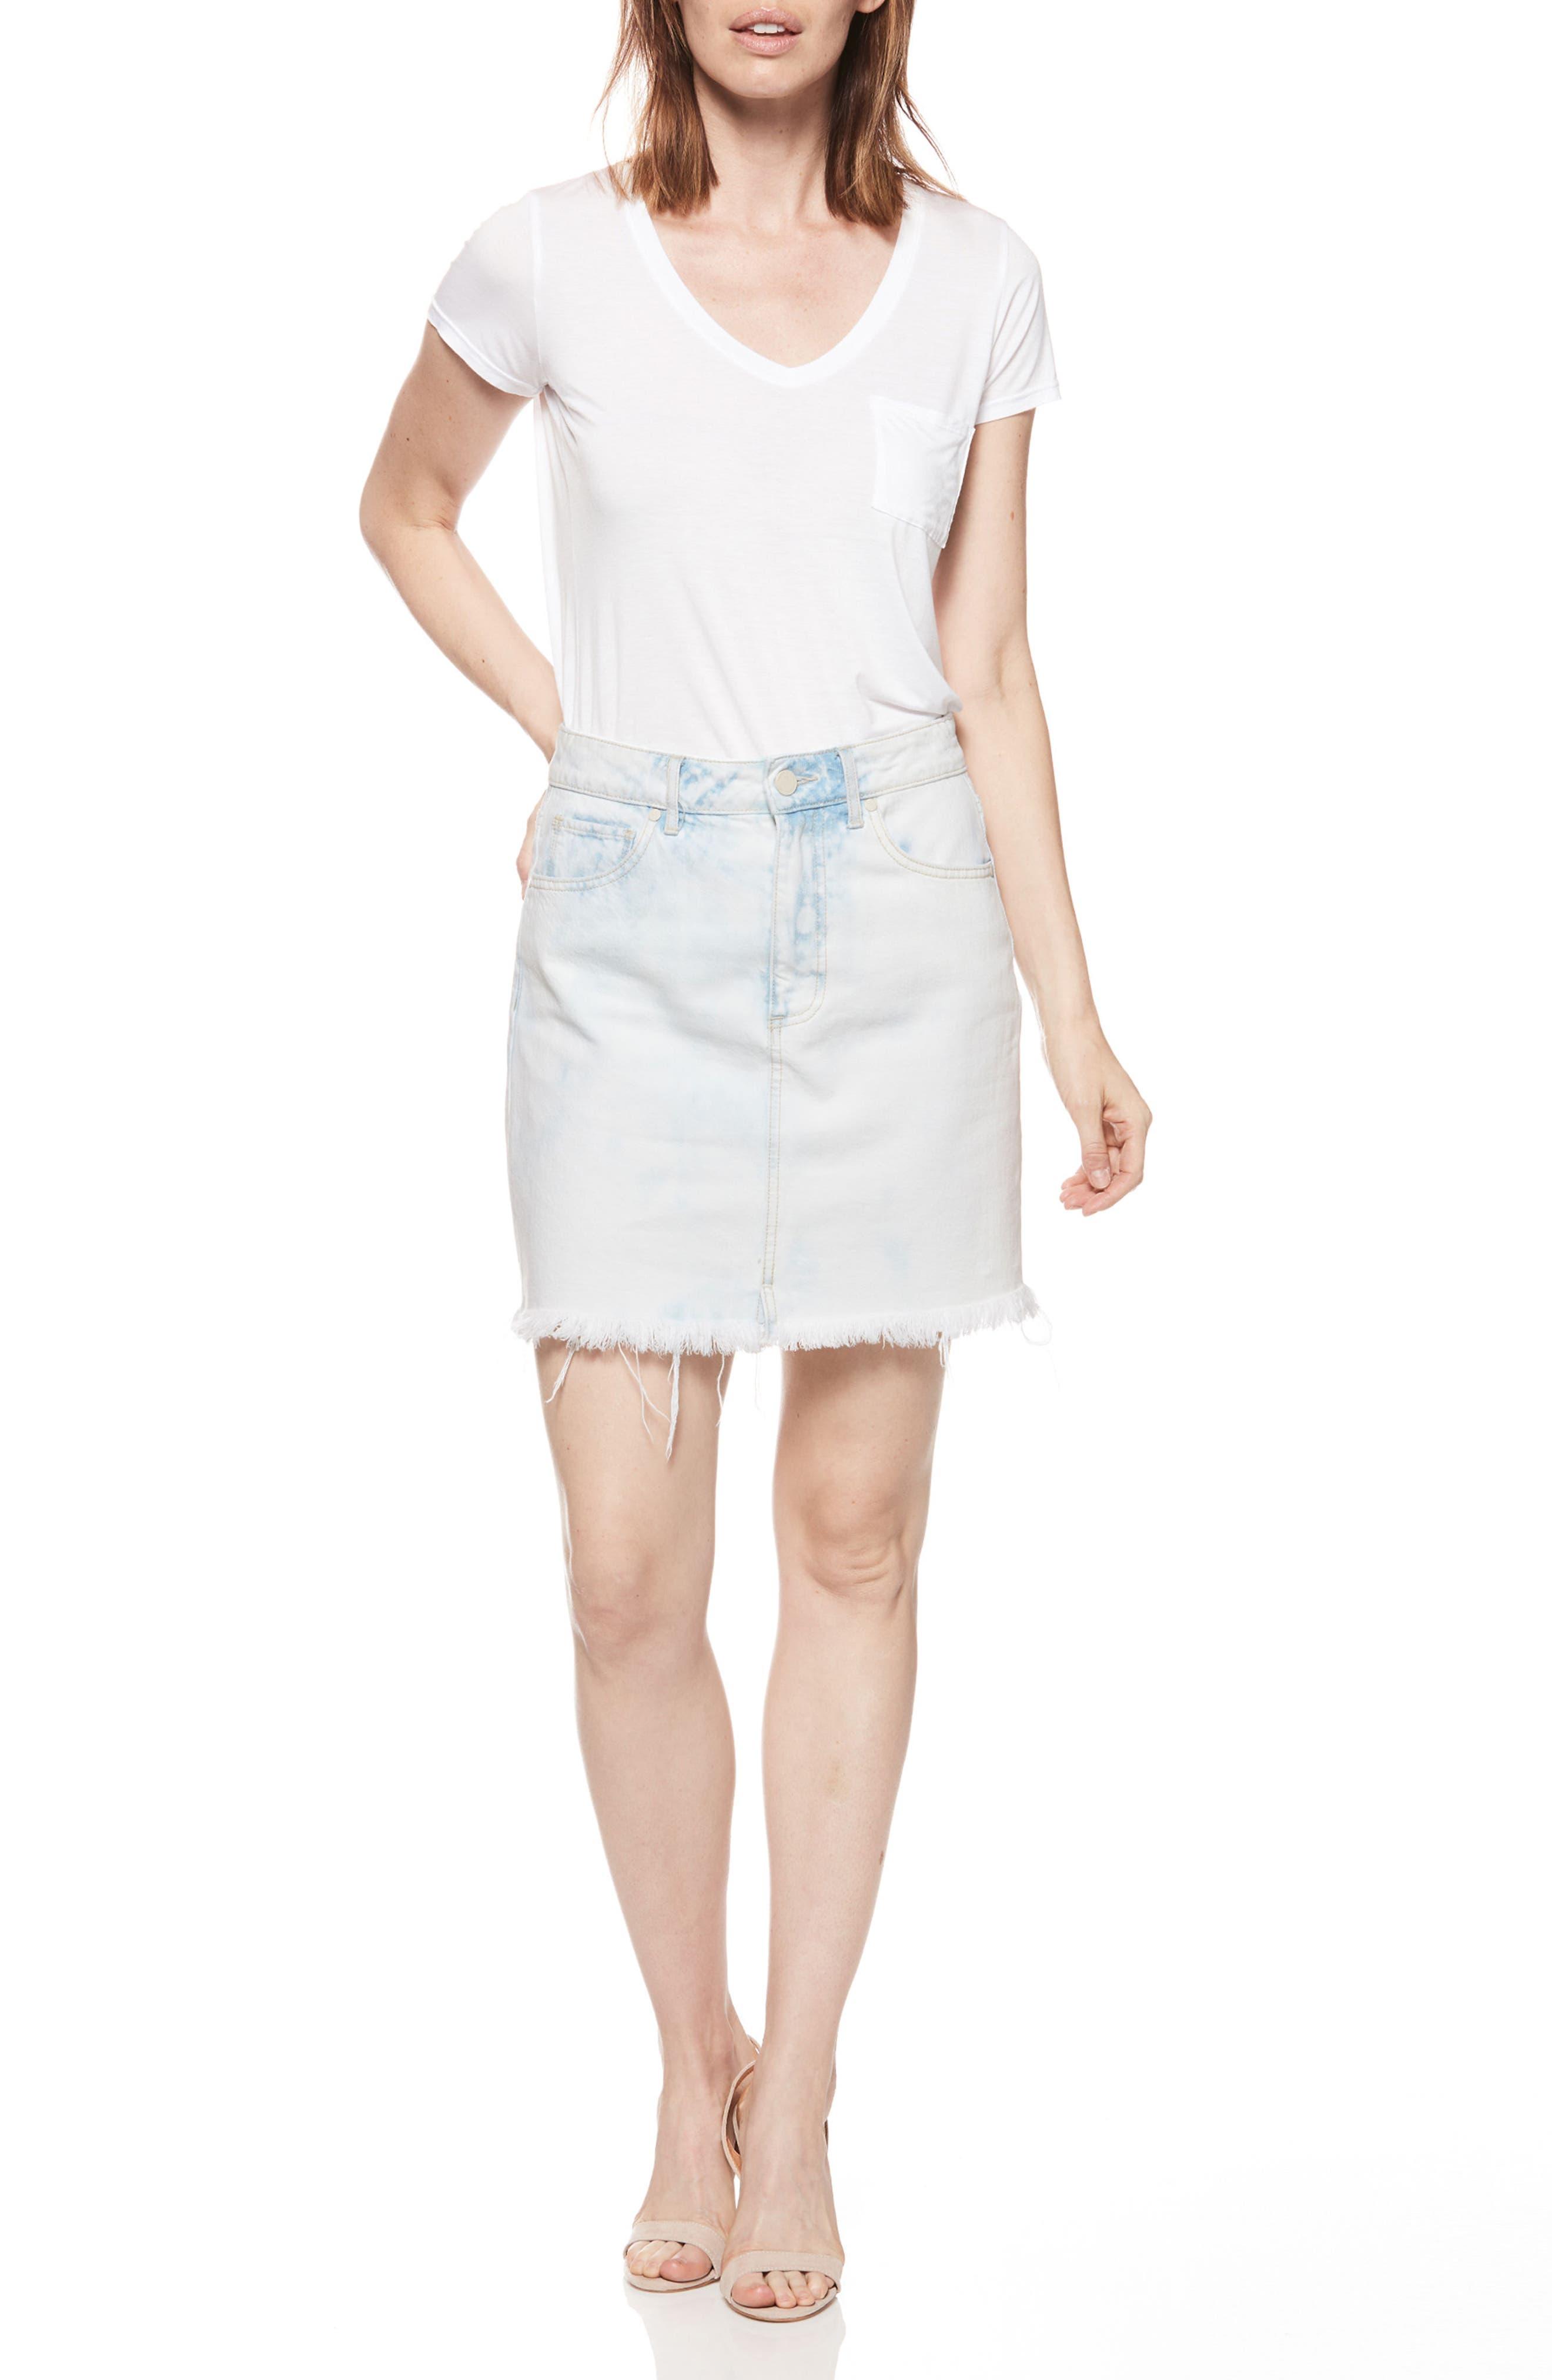 Jamine High Waist Denim Skirt,                             Alternate thumbnail 3, color,                             400